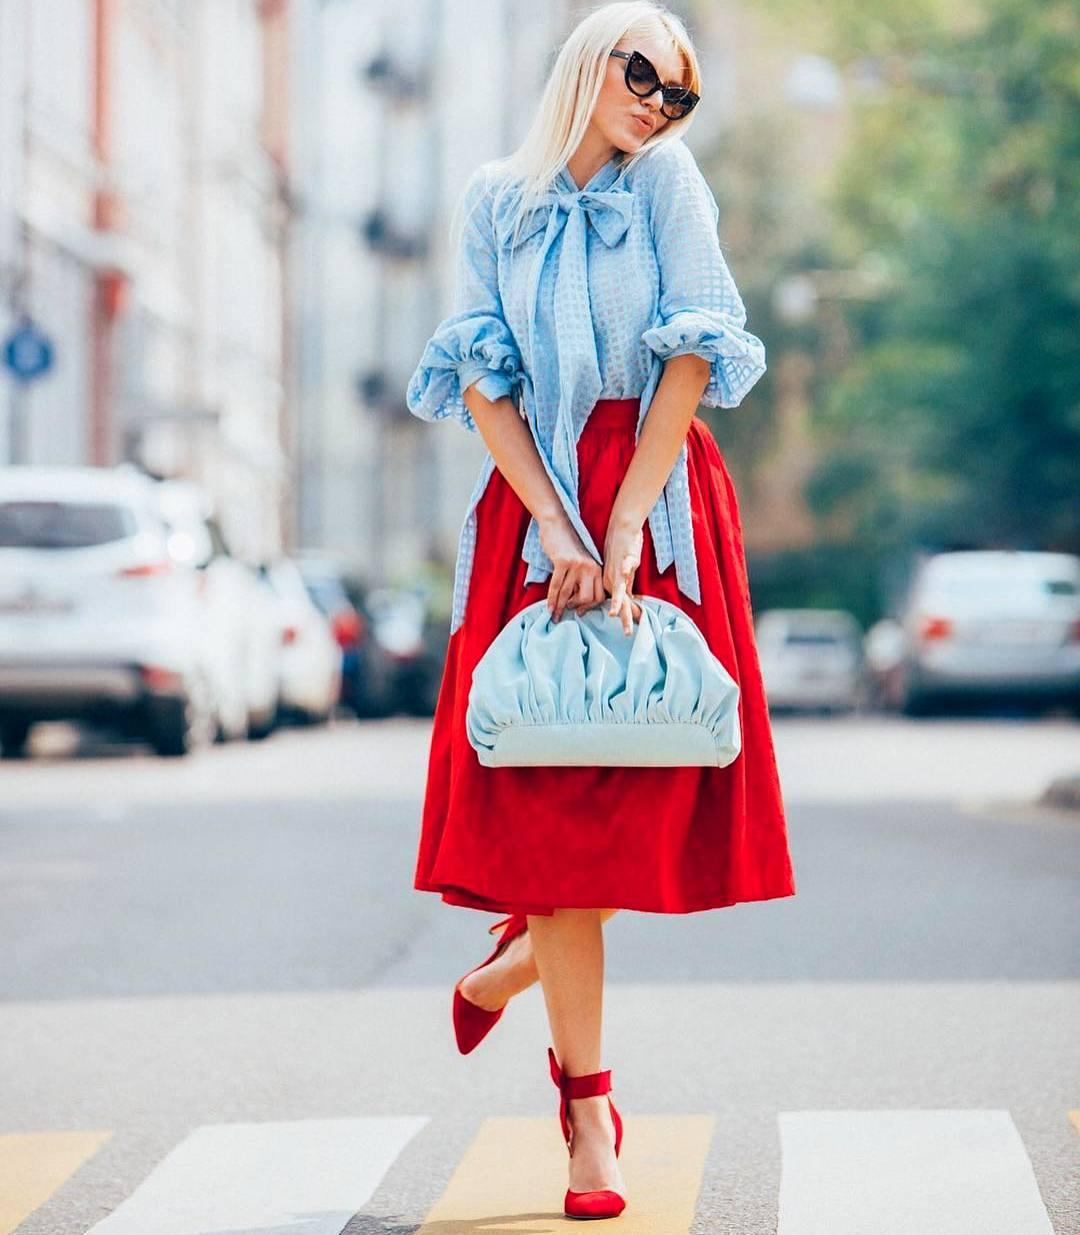 Красная юбка с блузой фото 2